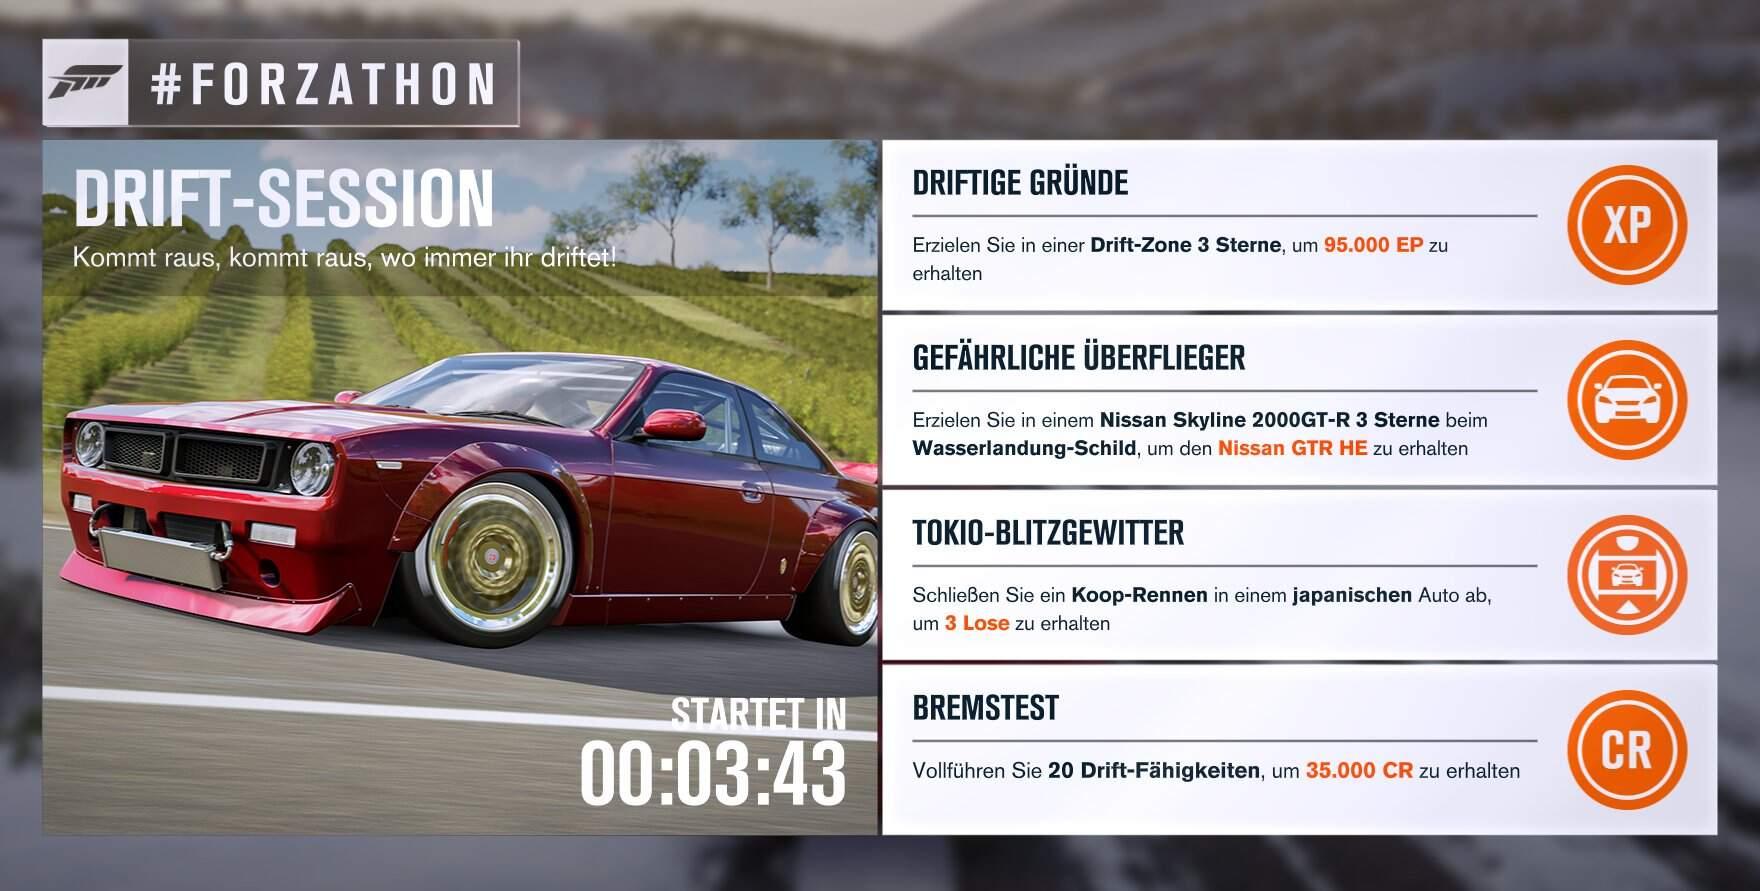 Forza Horizon 3 Forzathon KW 31